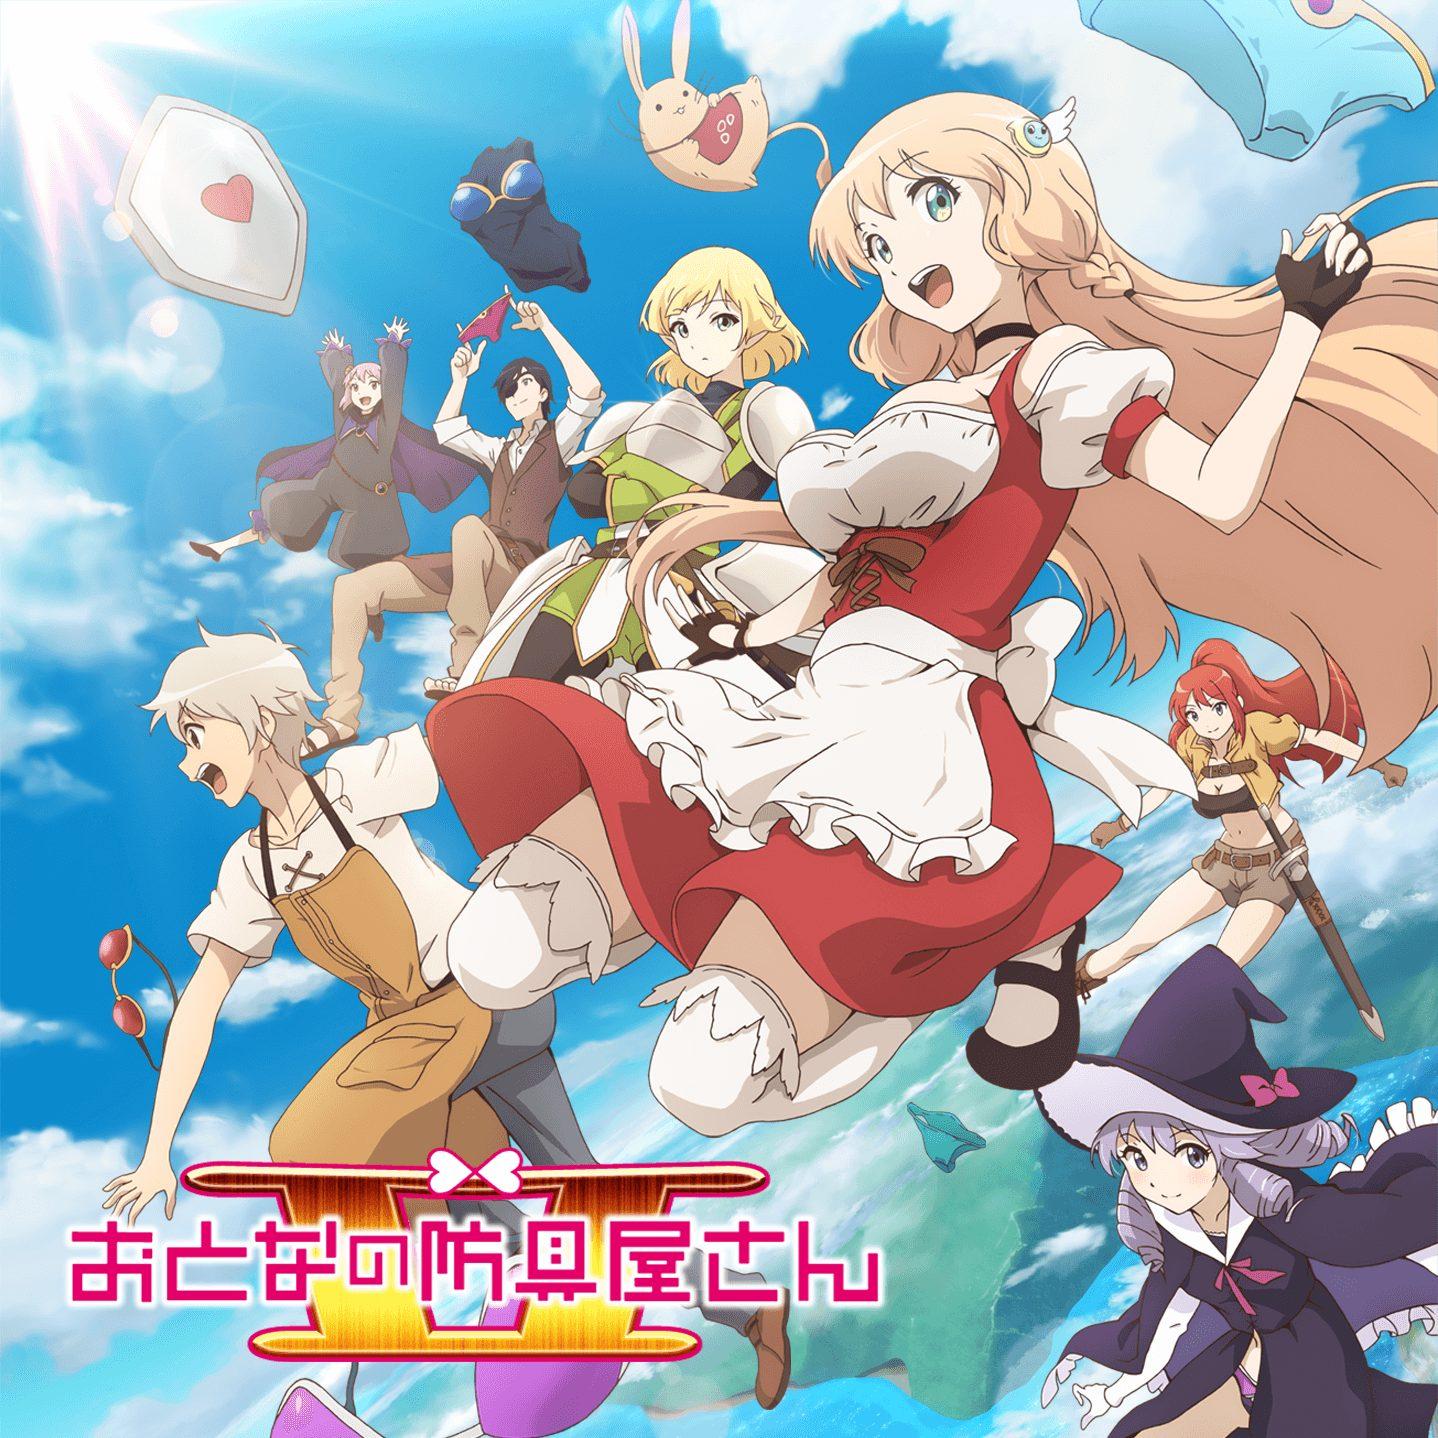 Visual anime Ladies & Gentlemen